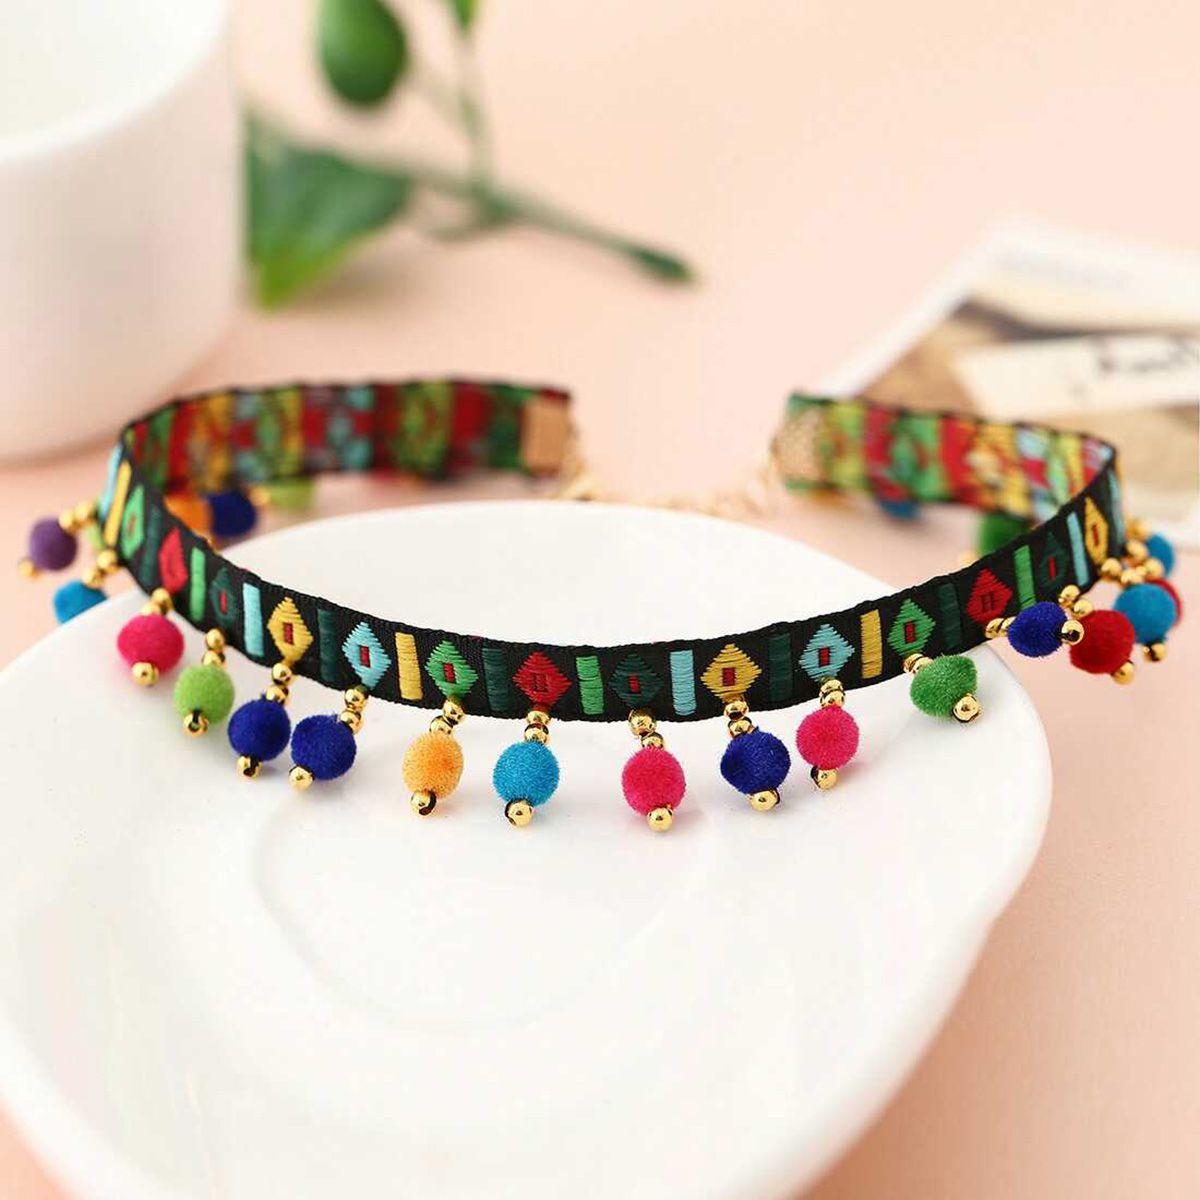 Vintage etnico collana girocollo ricamo fatto a mano nappa colorato palle ciondoli collana tribù dichiarazione collares gioielli